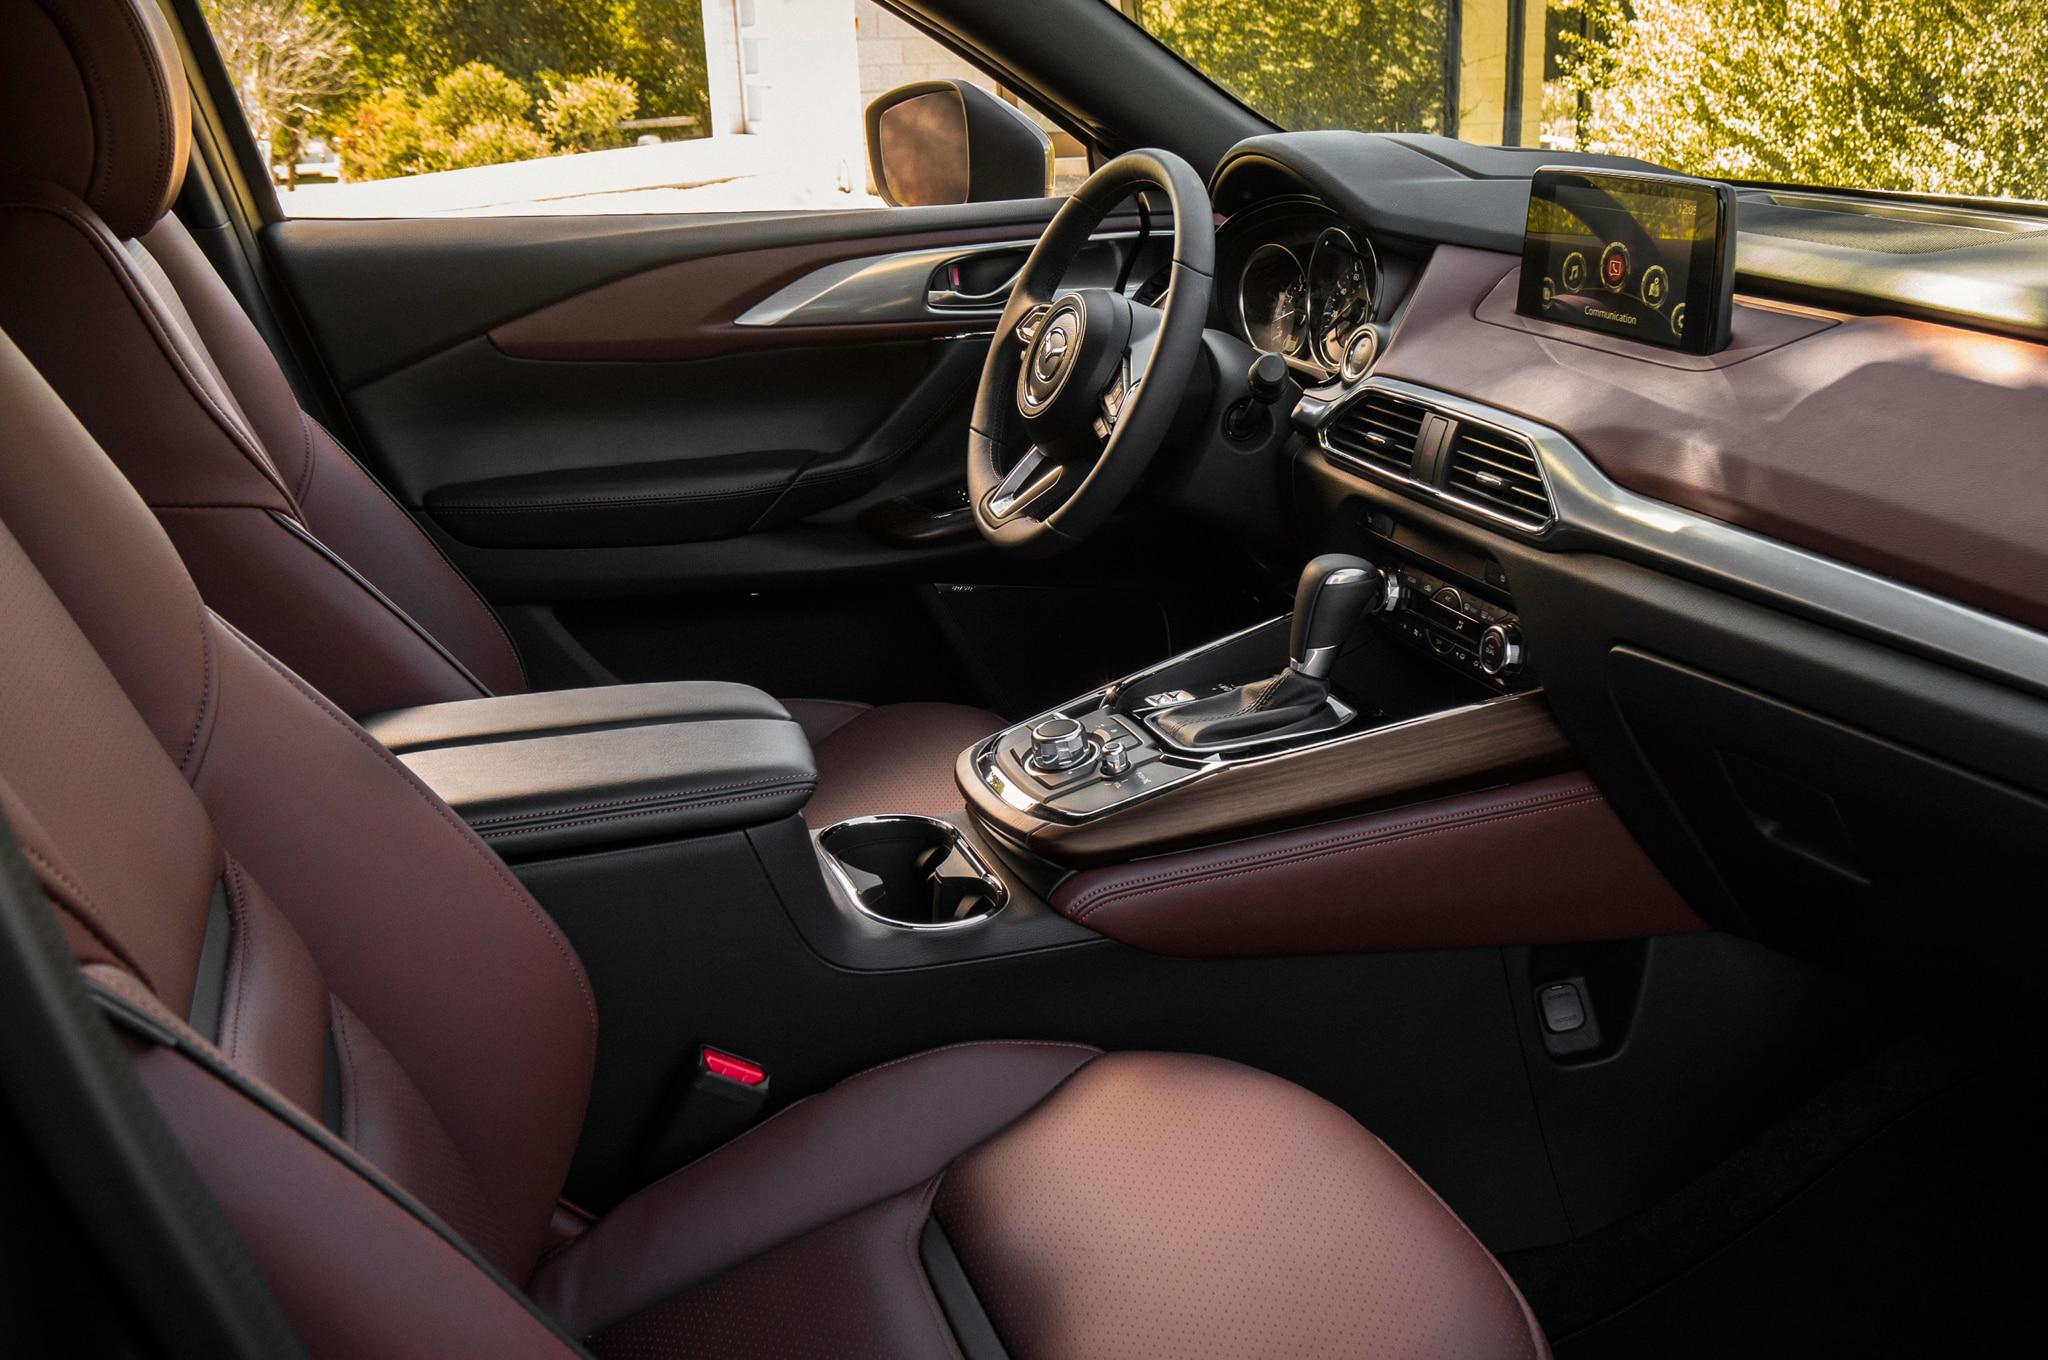 Mazda Cx 5 2016 Interior >> 2016 Mazda CX-9 First Drive